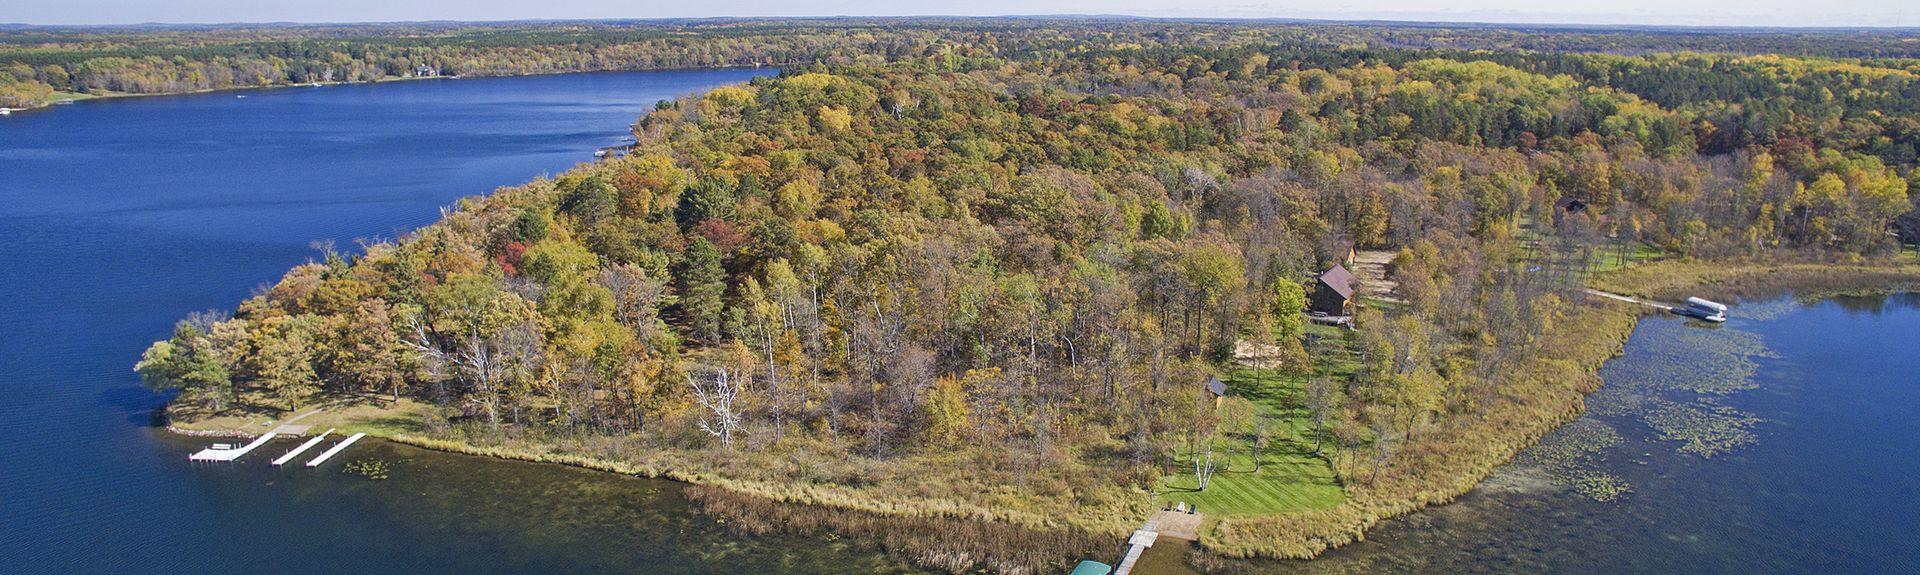 Fifty Lakes, MN, USA